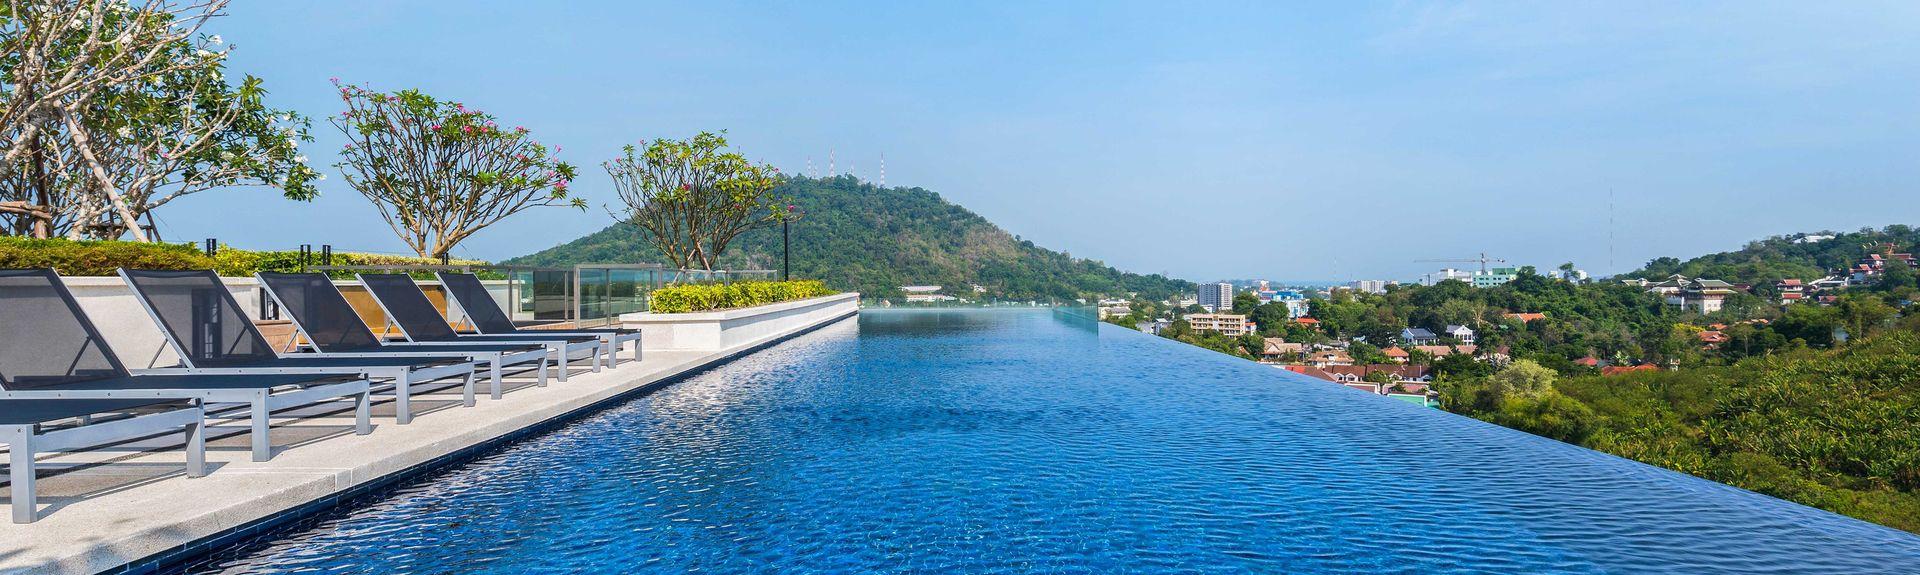 Talat Yai, Phuket, Phuket (provinssi), Thaimaa